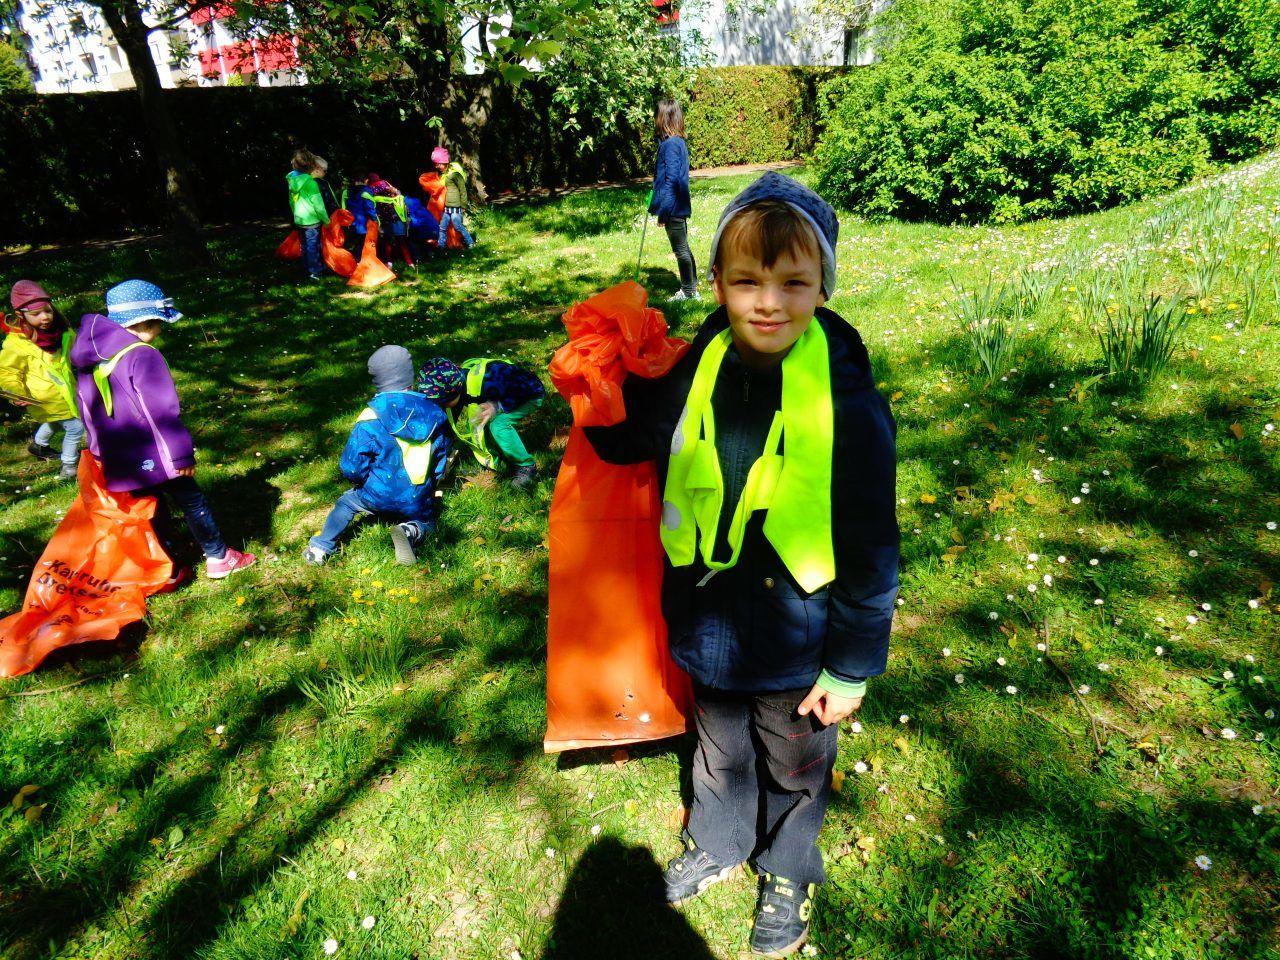 Auf dem Bild ist ein kleiner Junge zu sehen, der eine Mülltüte festhält.